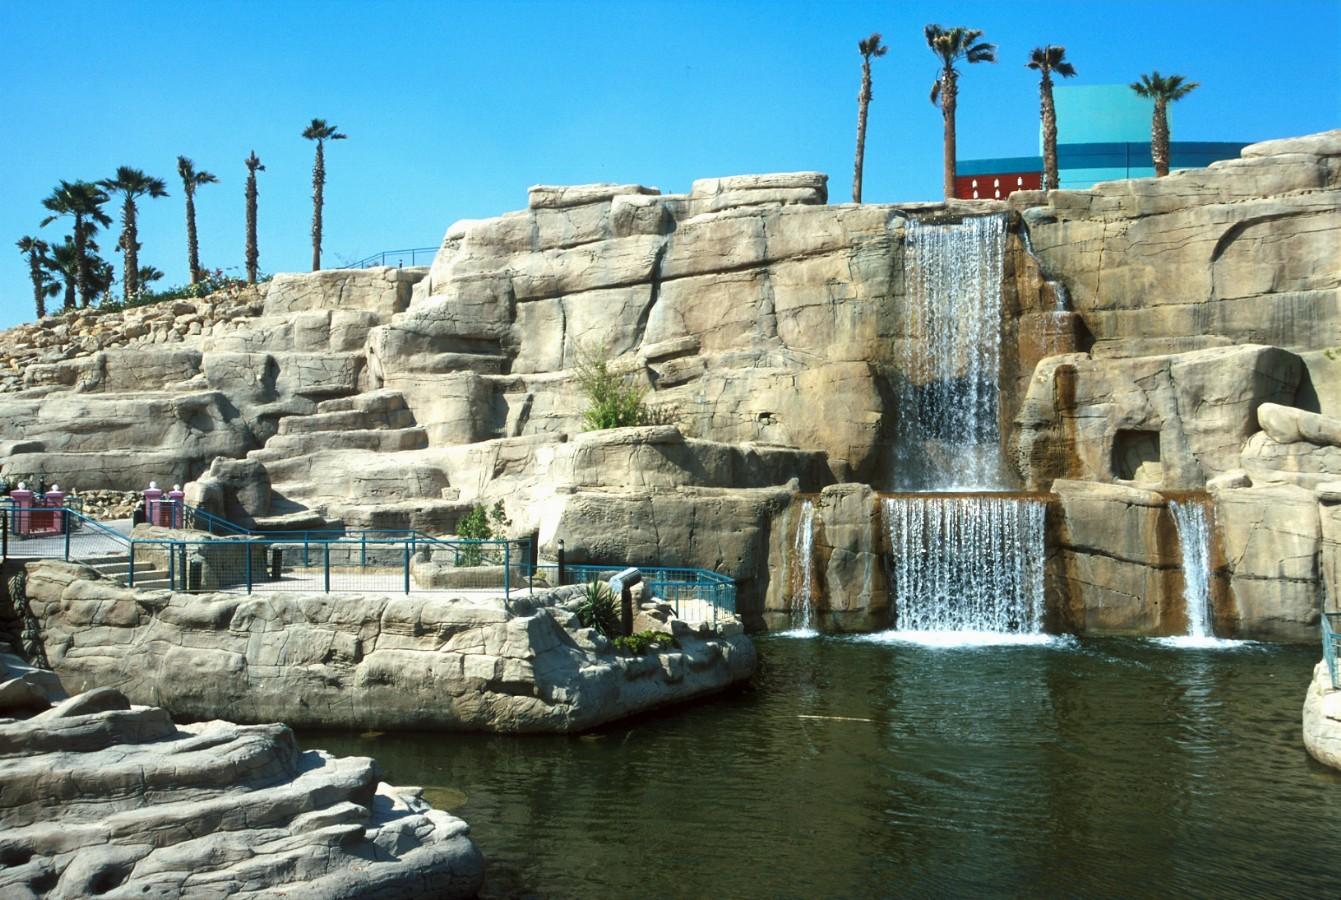 Dreamland - Egypt - فضاهای عمومی و شهربازی ها